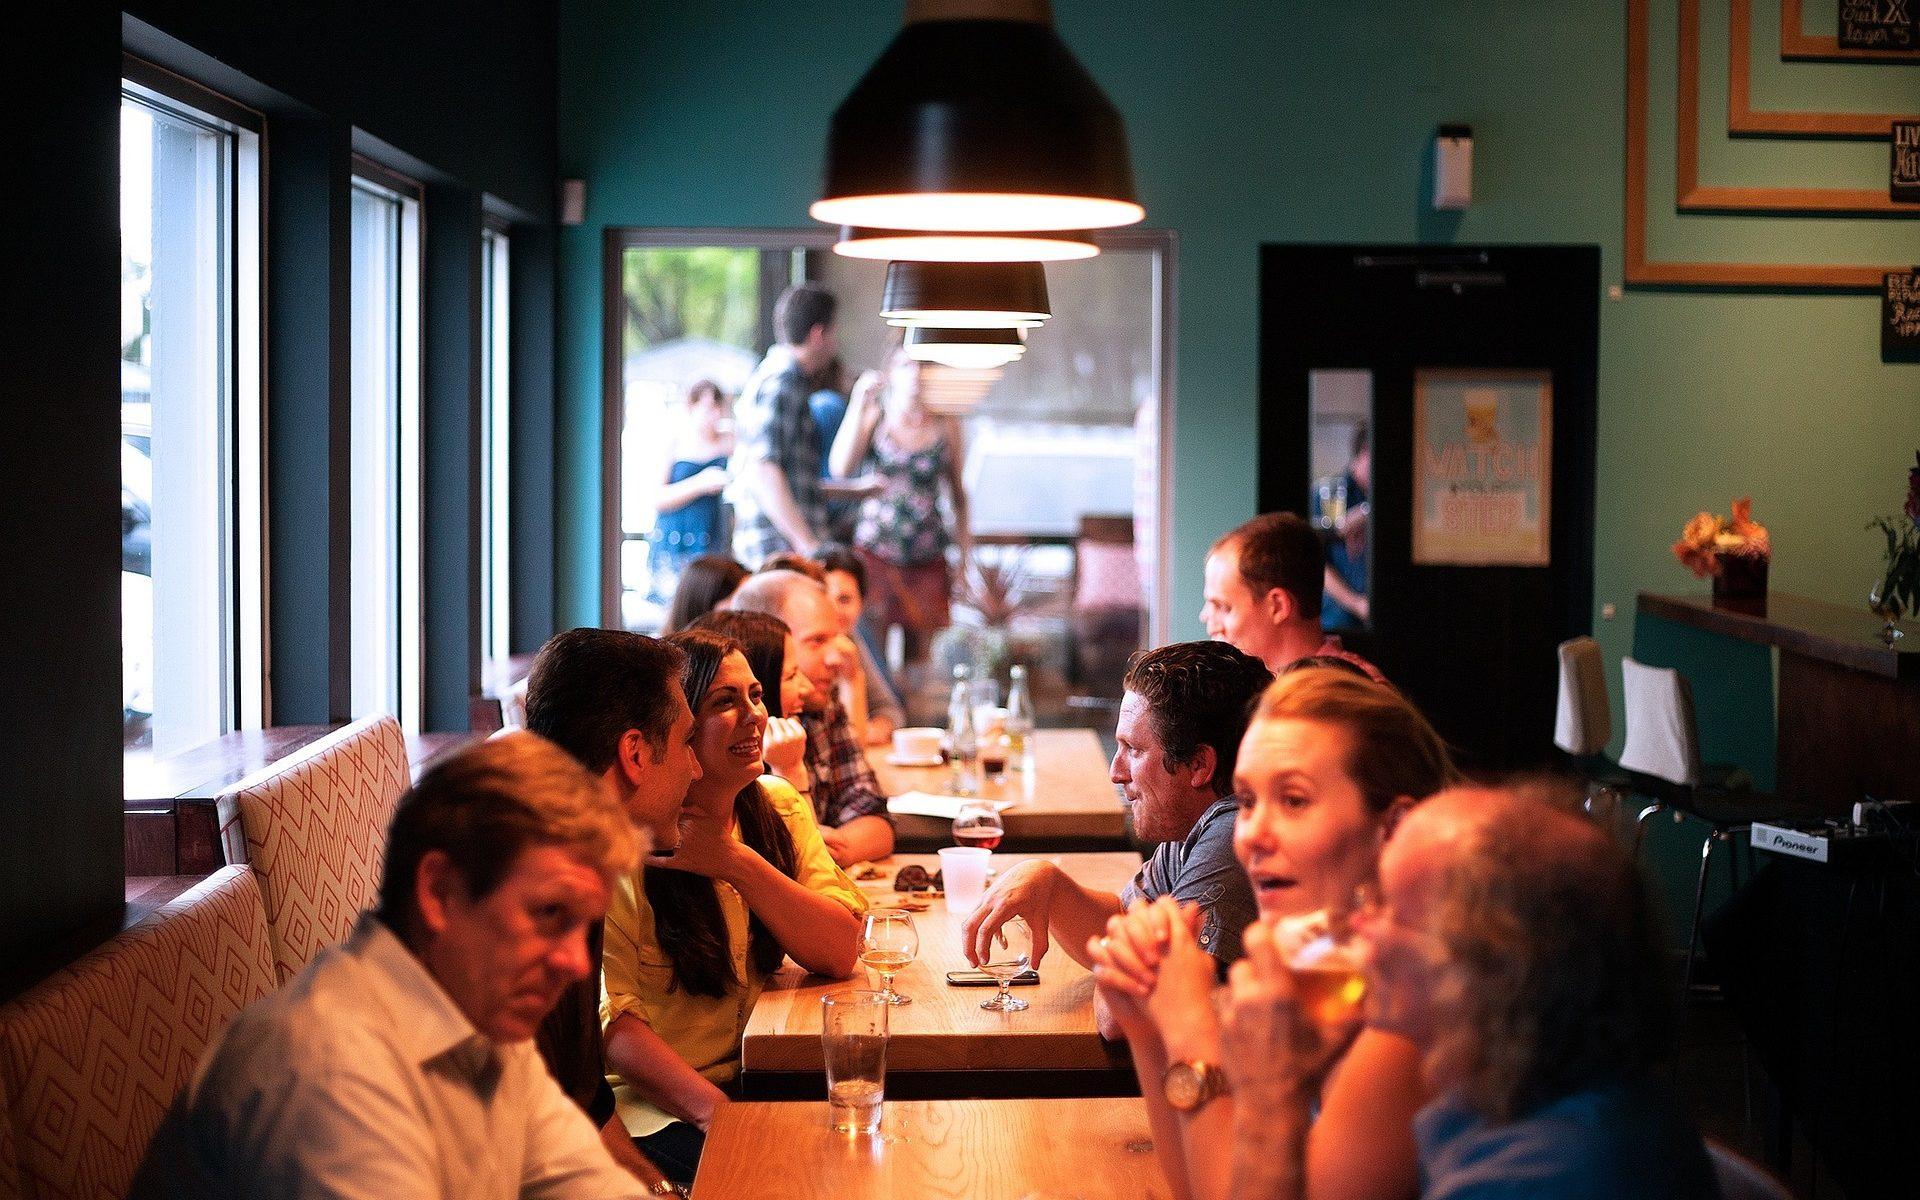 Tack till Pixabay för den fina bilden av människor i ett café